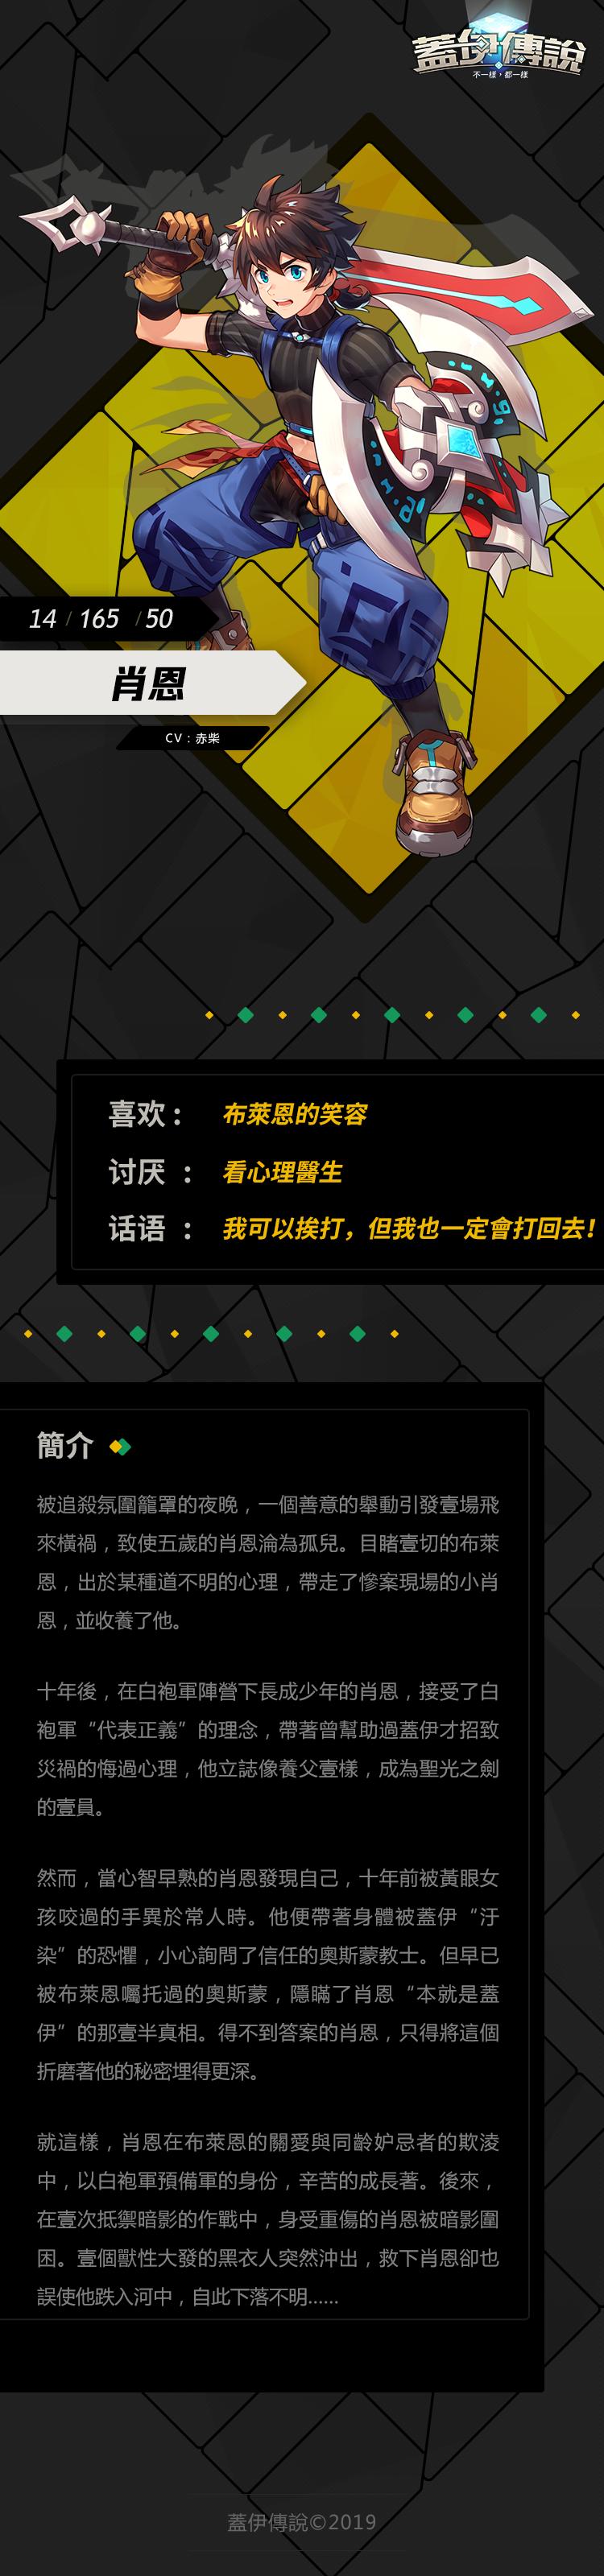 2月15日不停服更新:聖劍之子-20200213_shawn.png